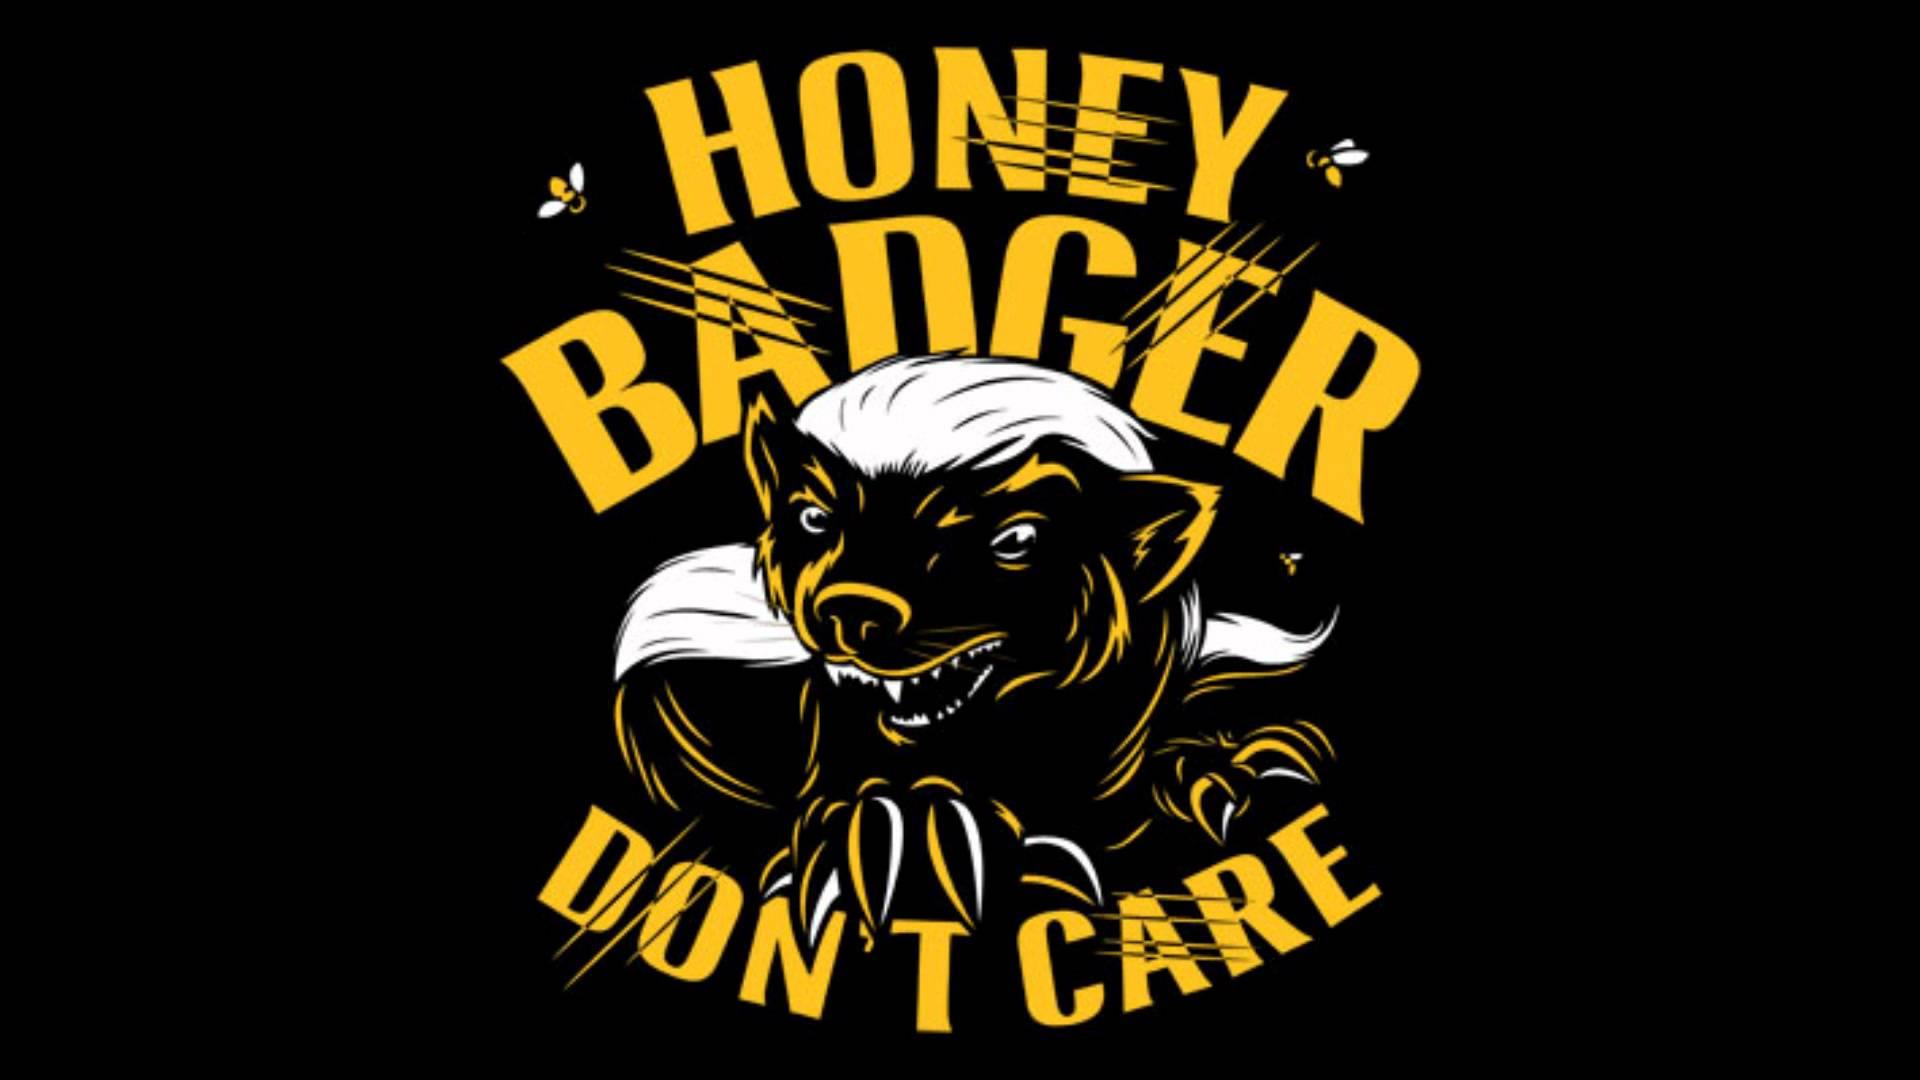 honey badger wallpaper wallpapersafari